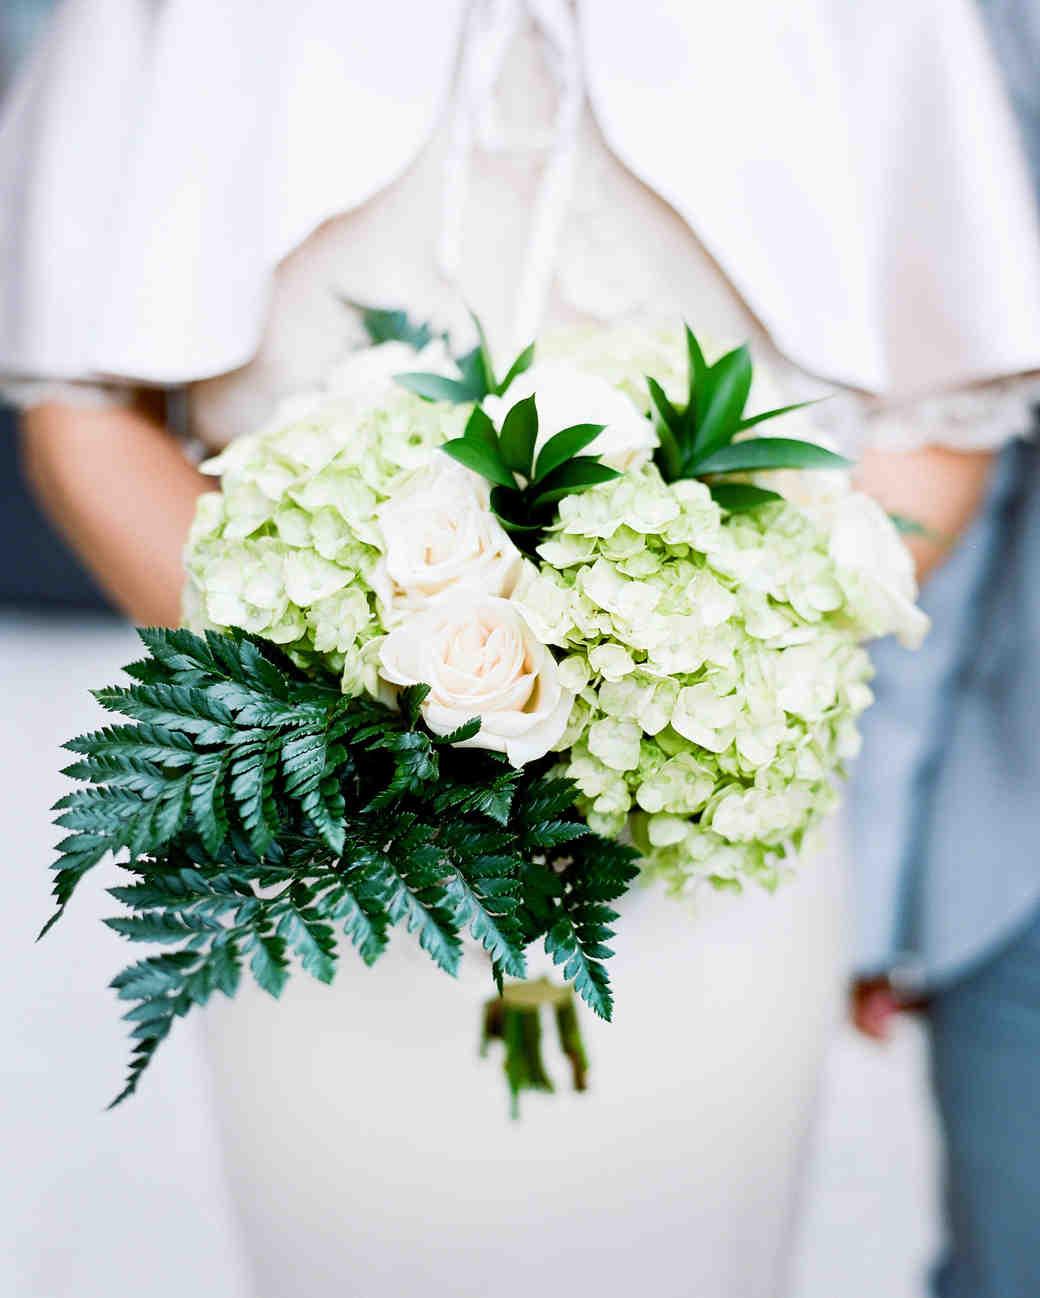 Fern Wedding Bouquet with Hydrangeas